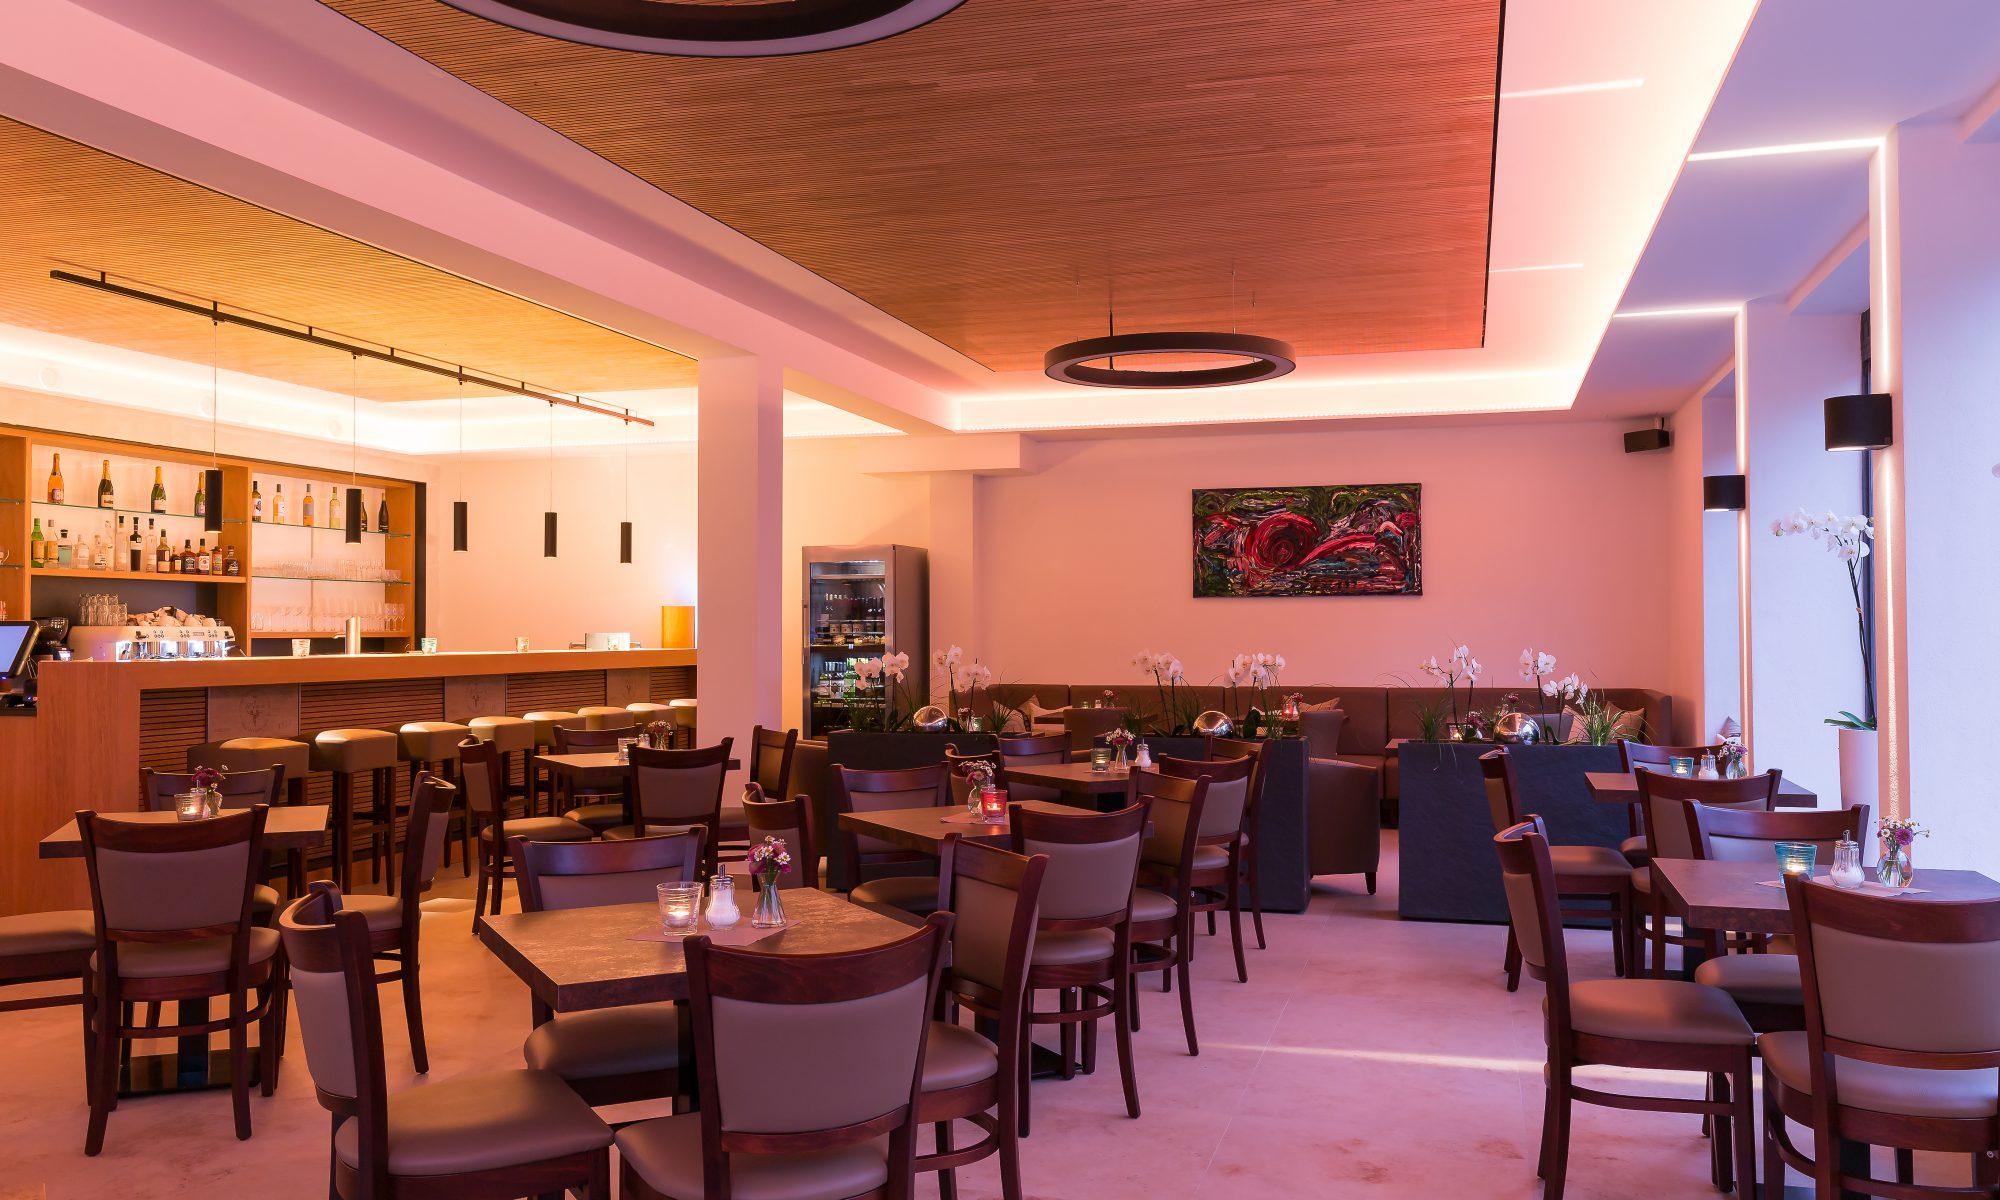 Innenraum Cafe Heinz dunkel